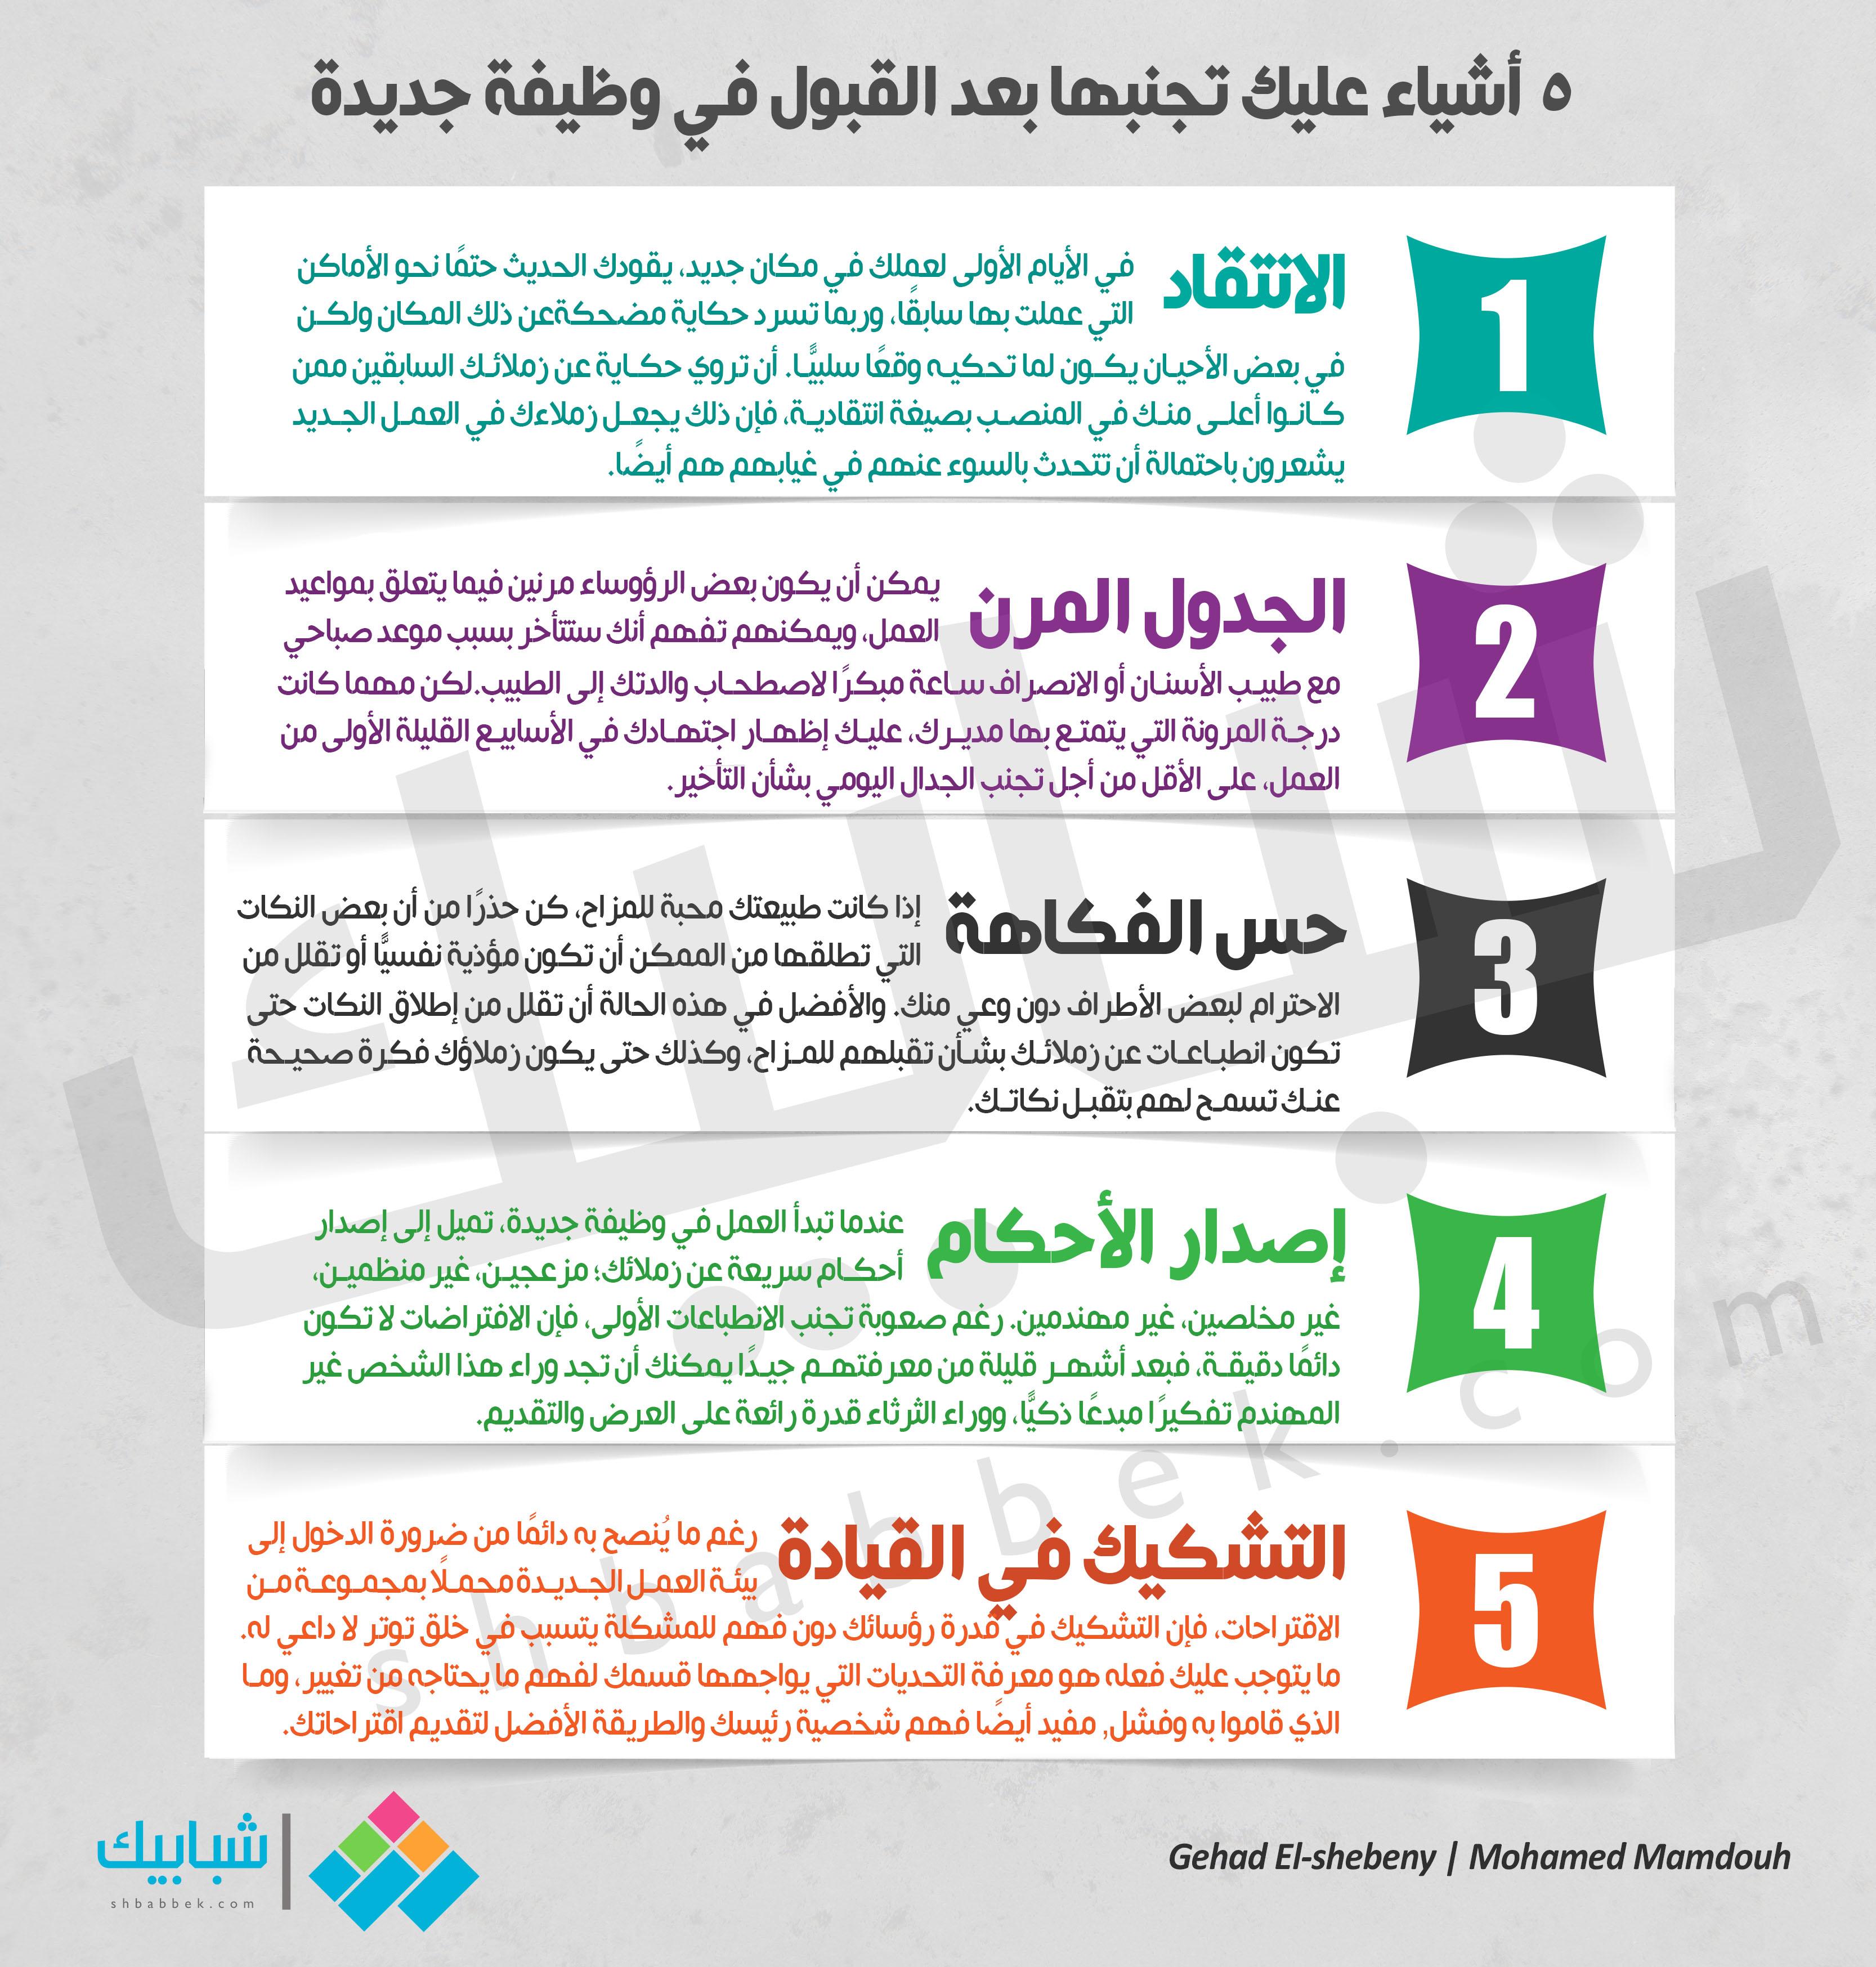 اخطاء العمل (2) (2)